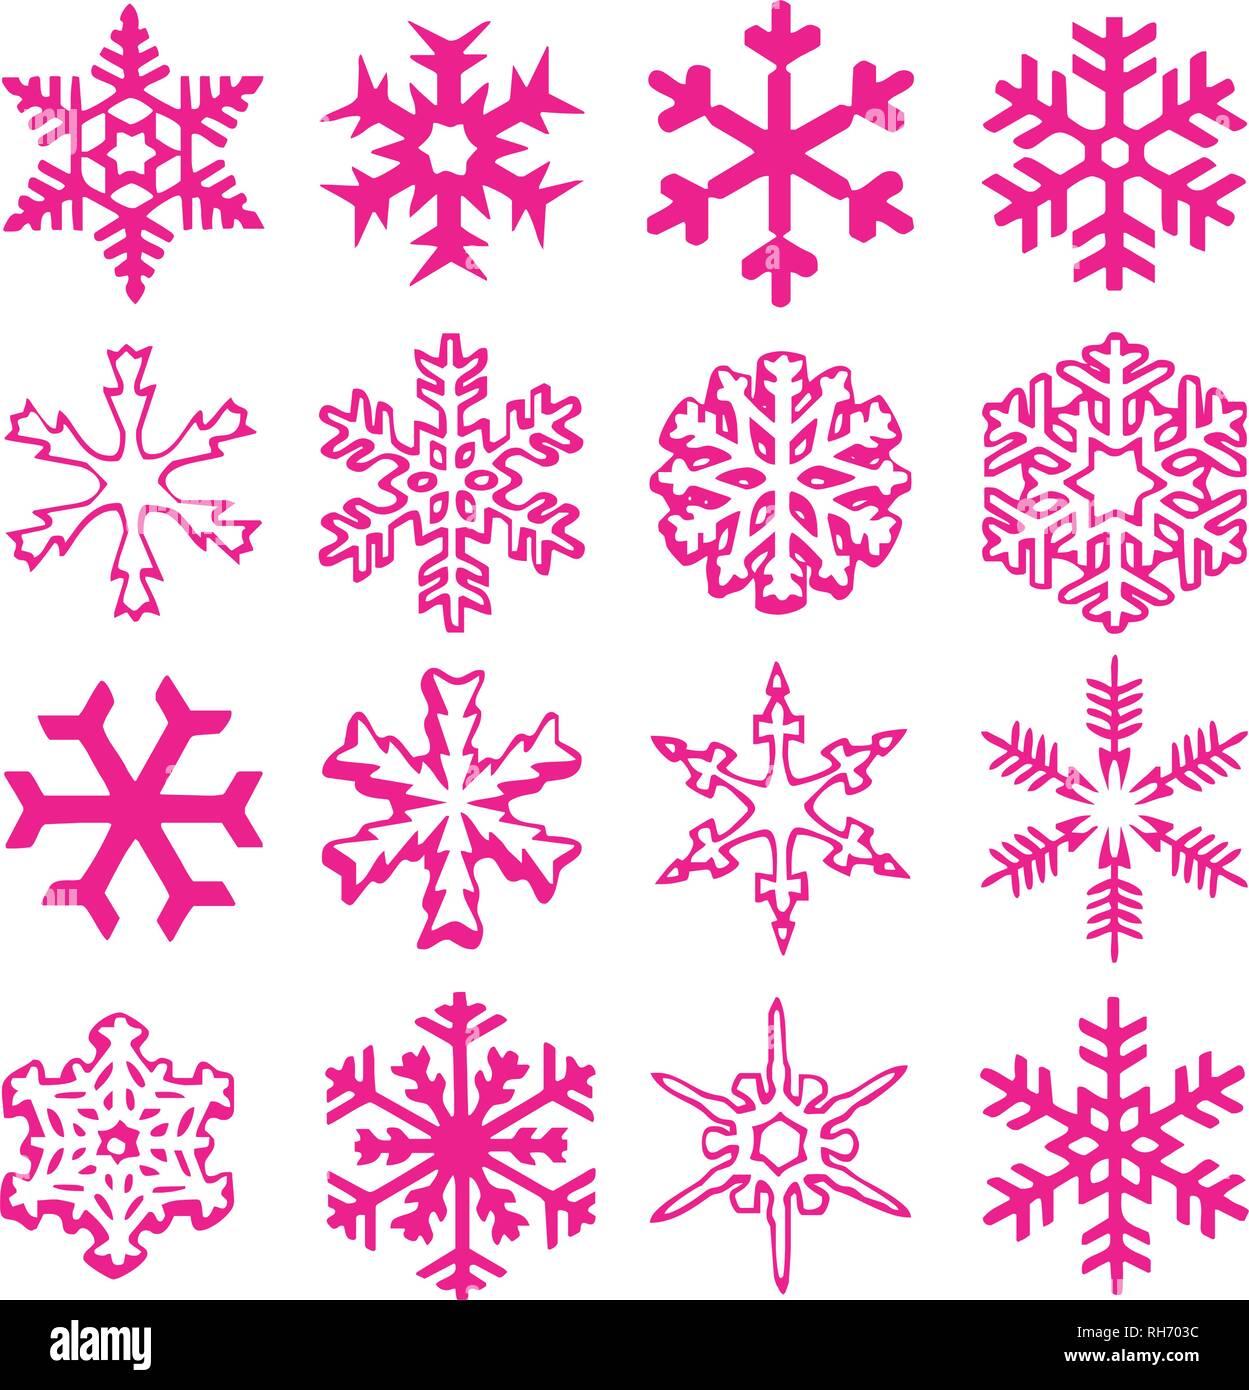 Das Wetter Zu Weihnachten 2019.Schneeflocke Vektor Symbol Hintergrund Set Kunststoff Rosa Farbe